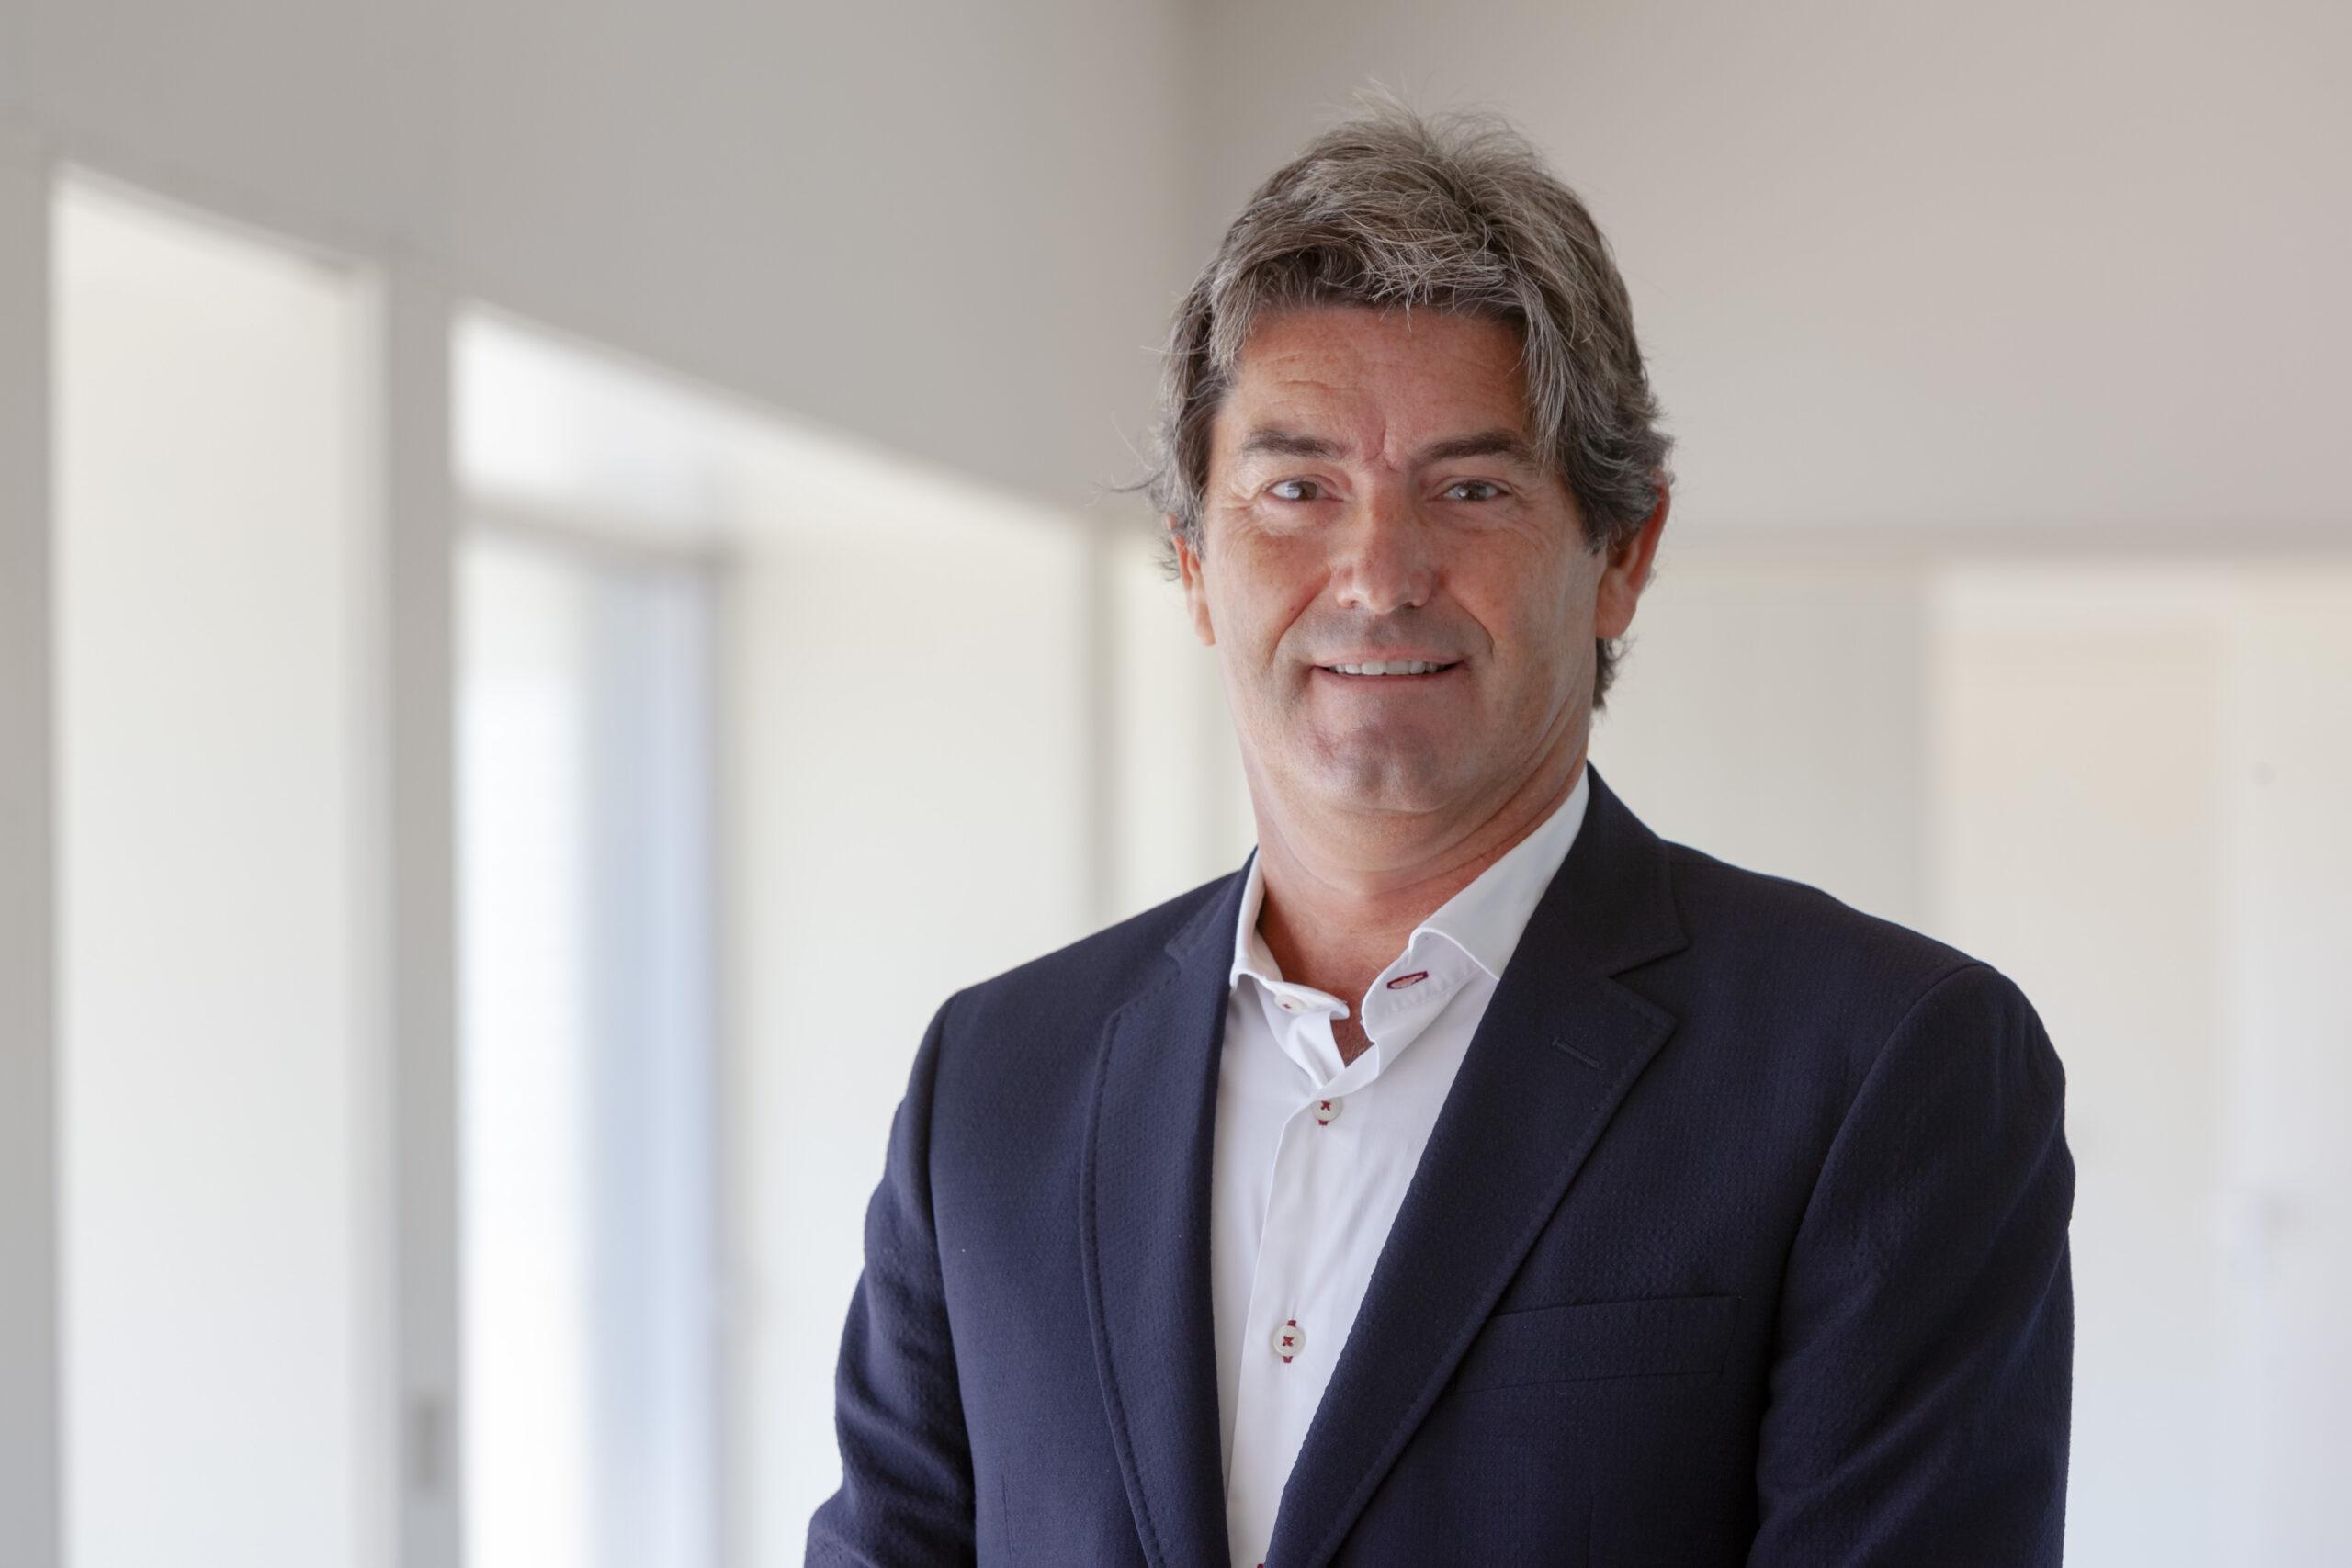 Luís Avides Moreira, administrador adjunto da Ramirez & Ca. (Filhos), S.A.